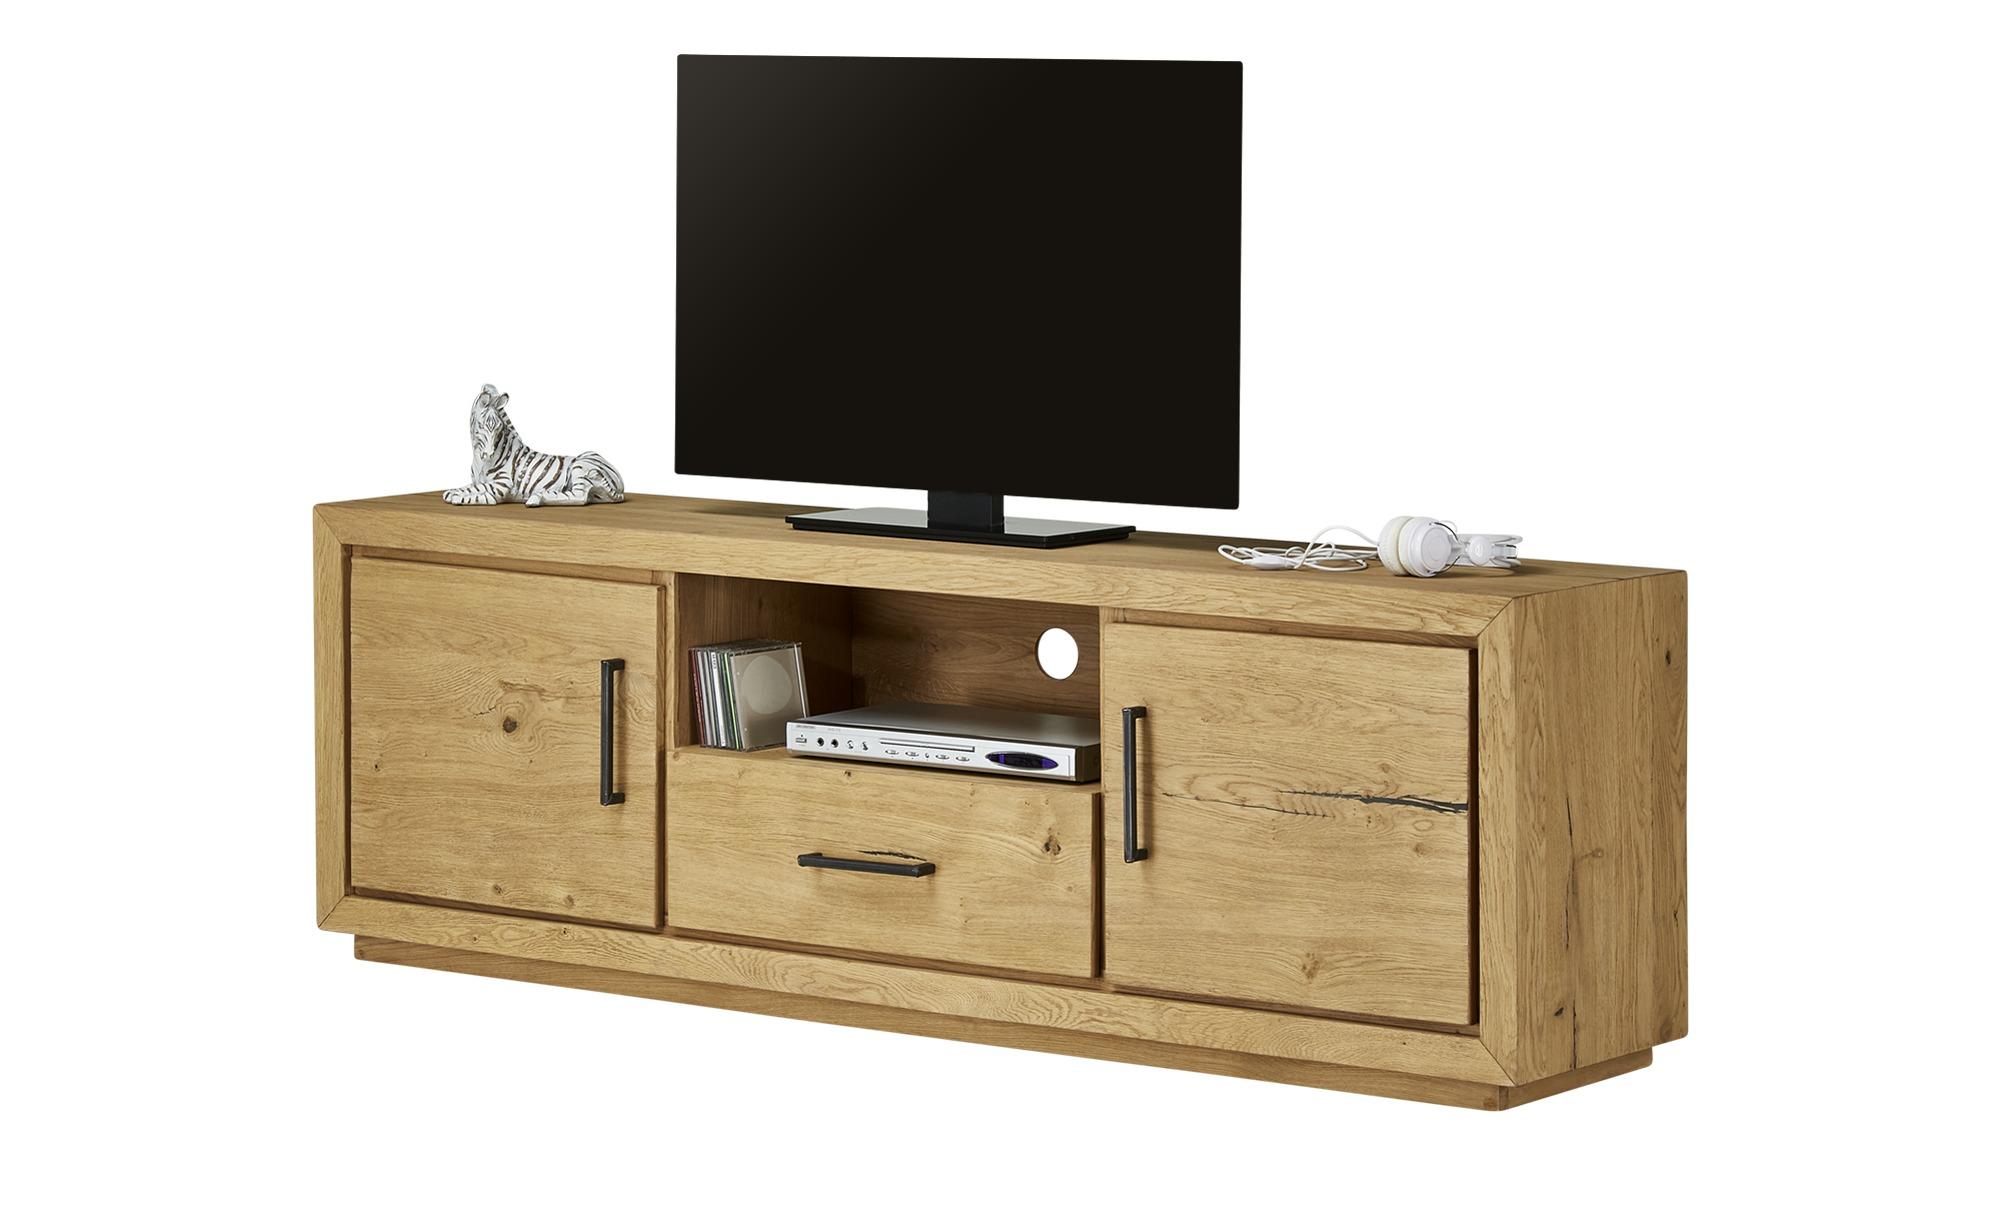 Lowboard TV-Schrank Fernsehschrank TV-Tisch TV Unterschrank Duro